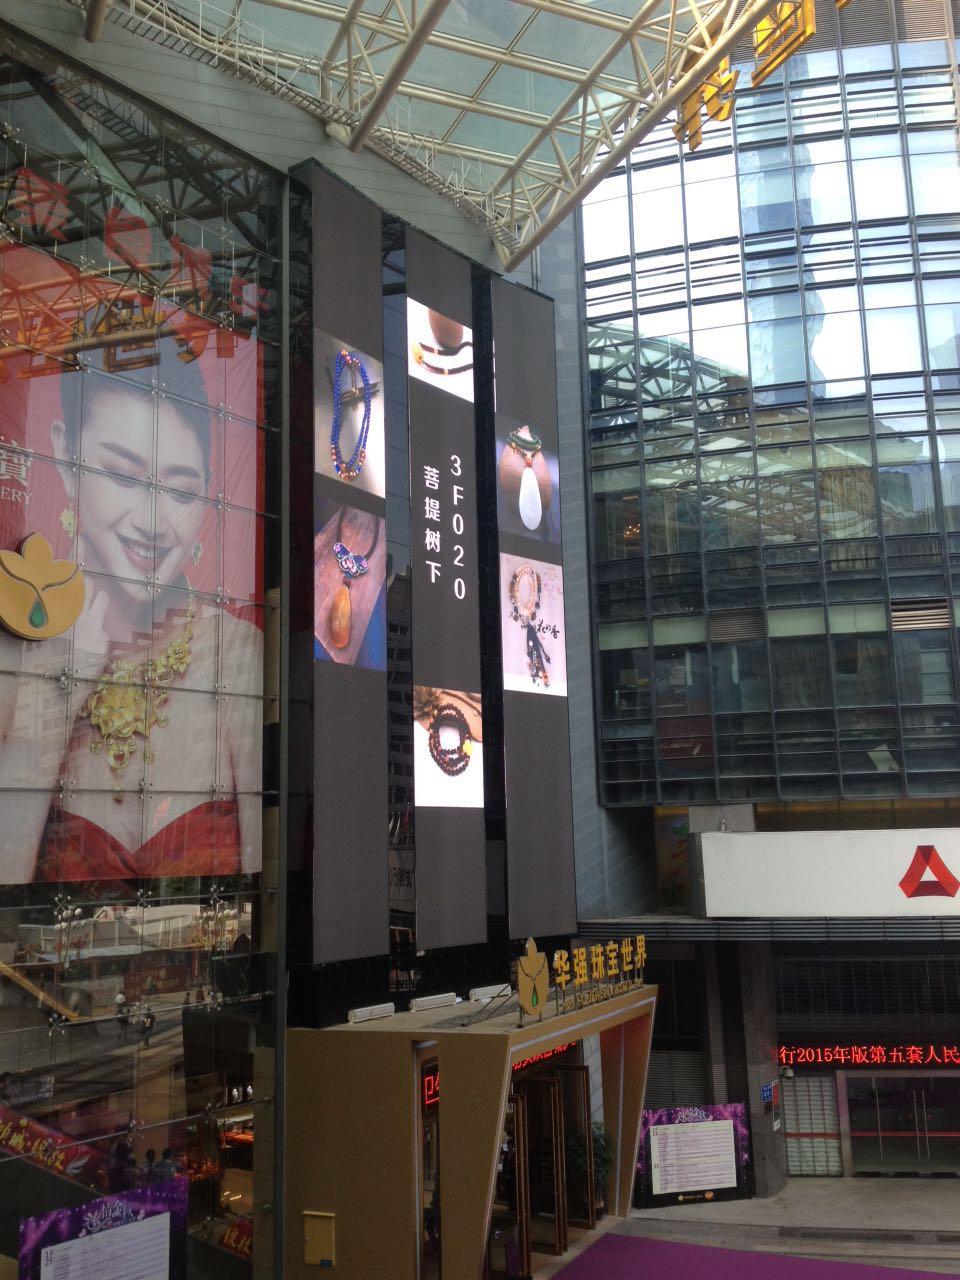 江门市台山体育馆LED户外显示屏专用P10全彩箱体(奥马哈)